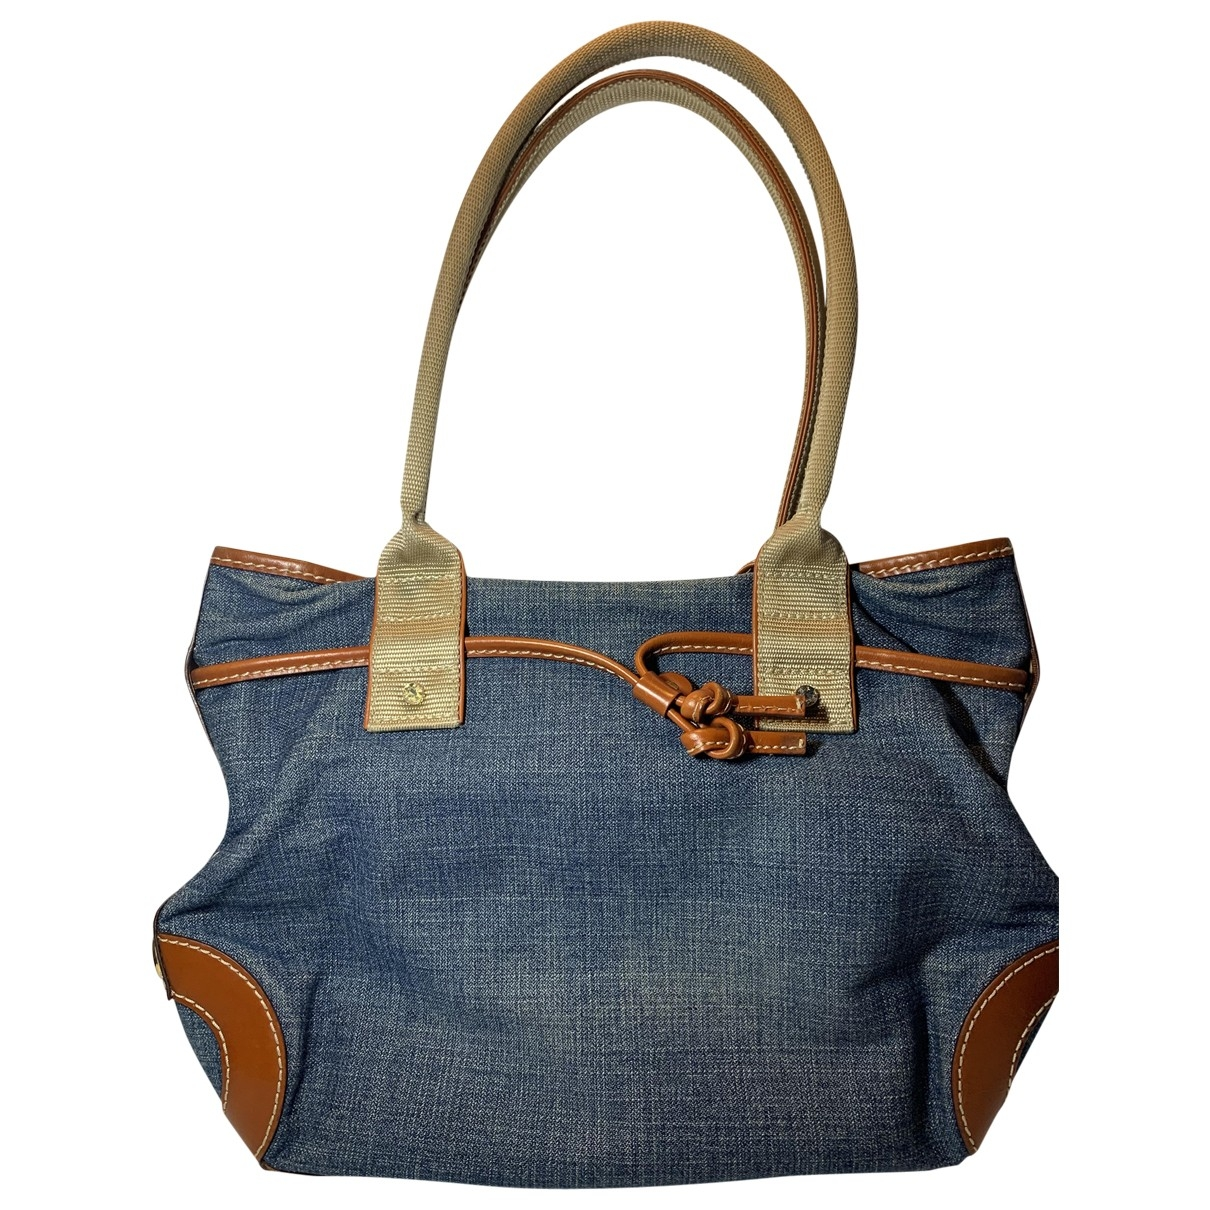 Lancel \N Blue Denim - Jeans handbag for Women \N